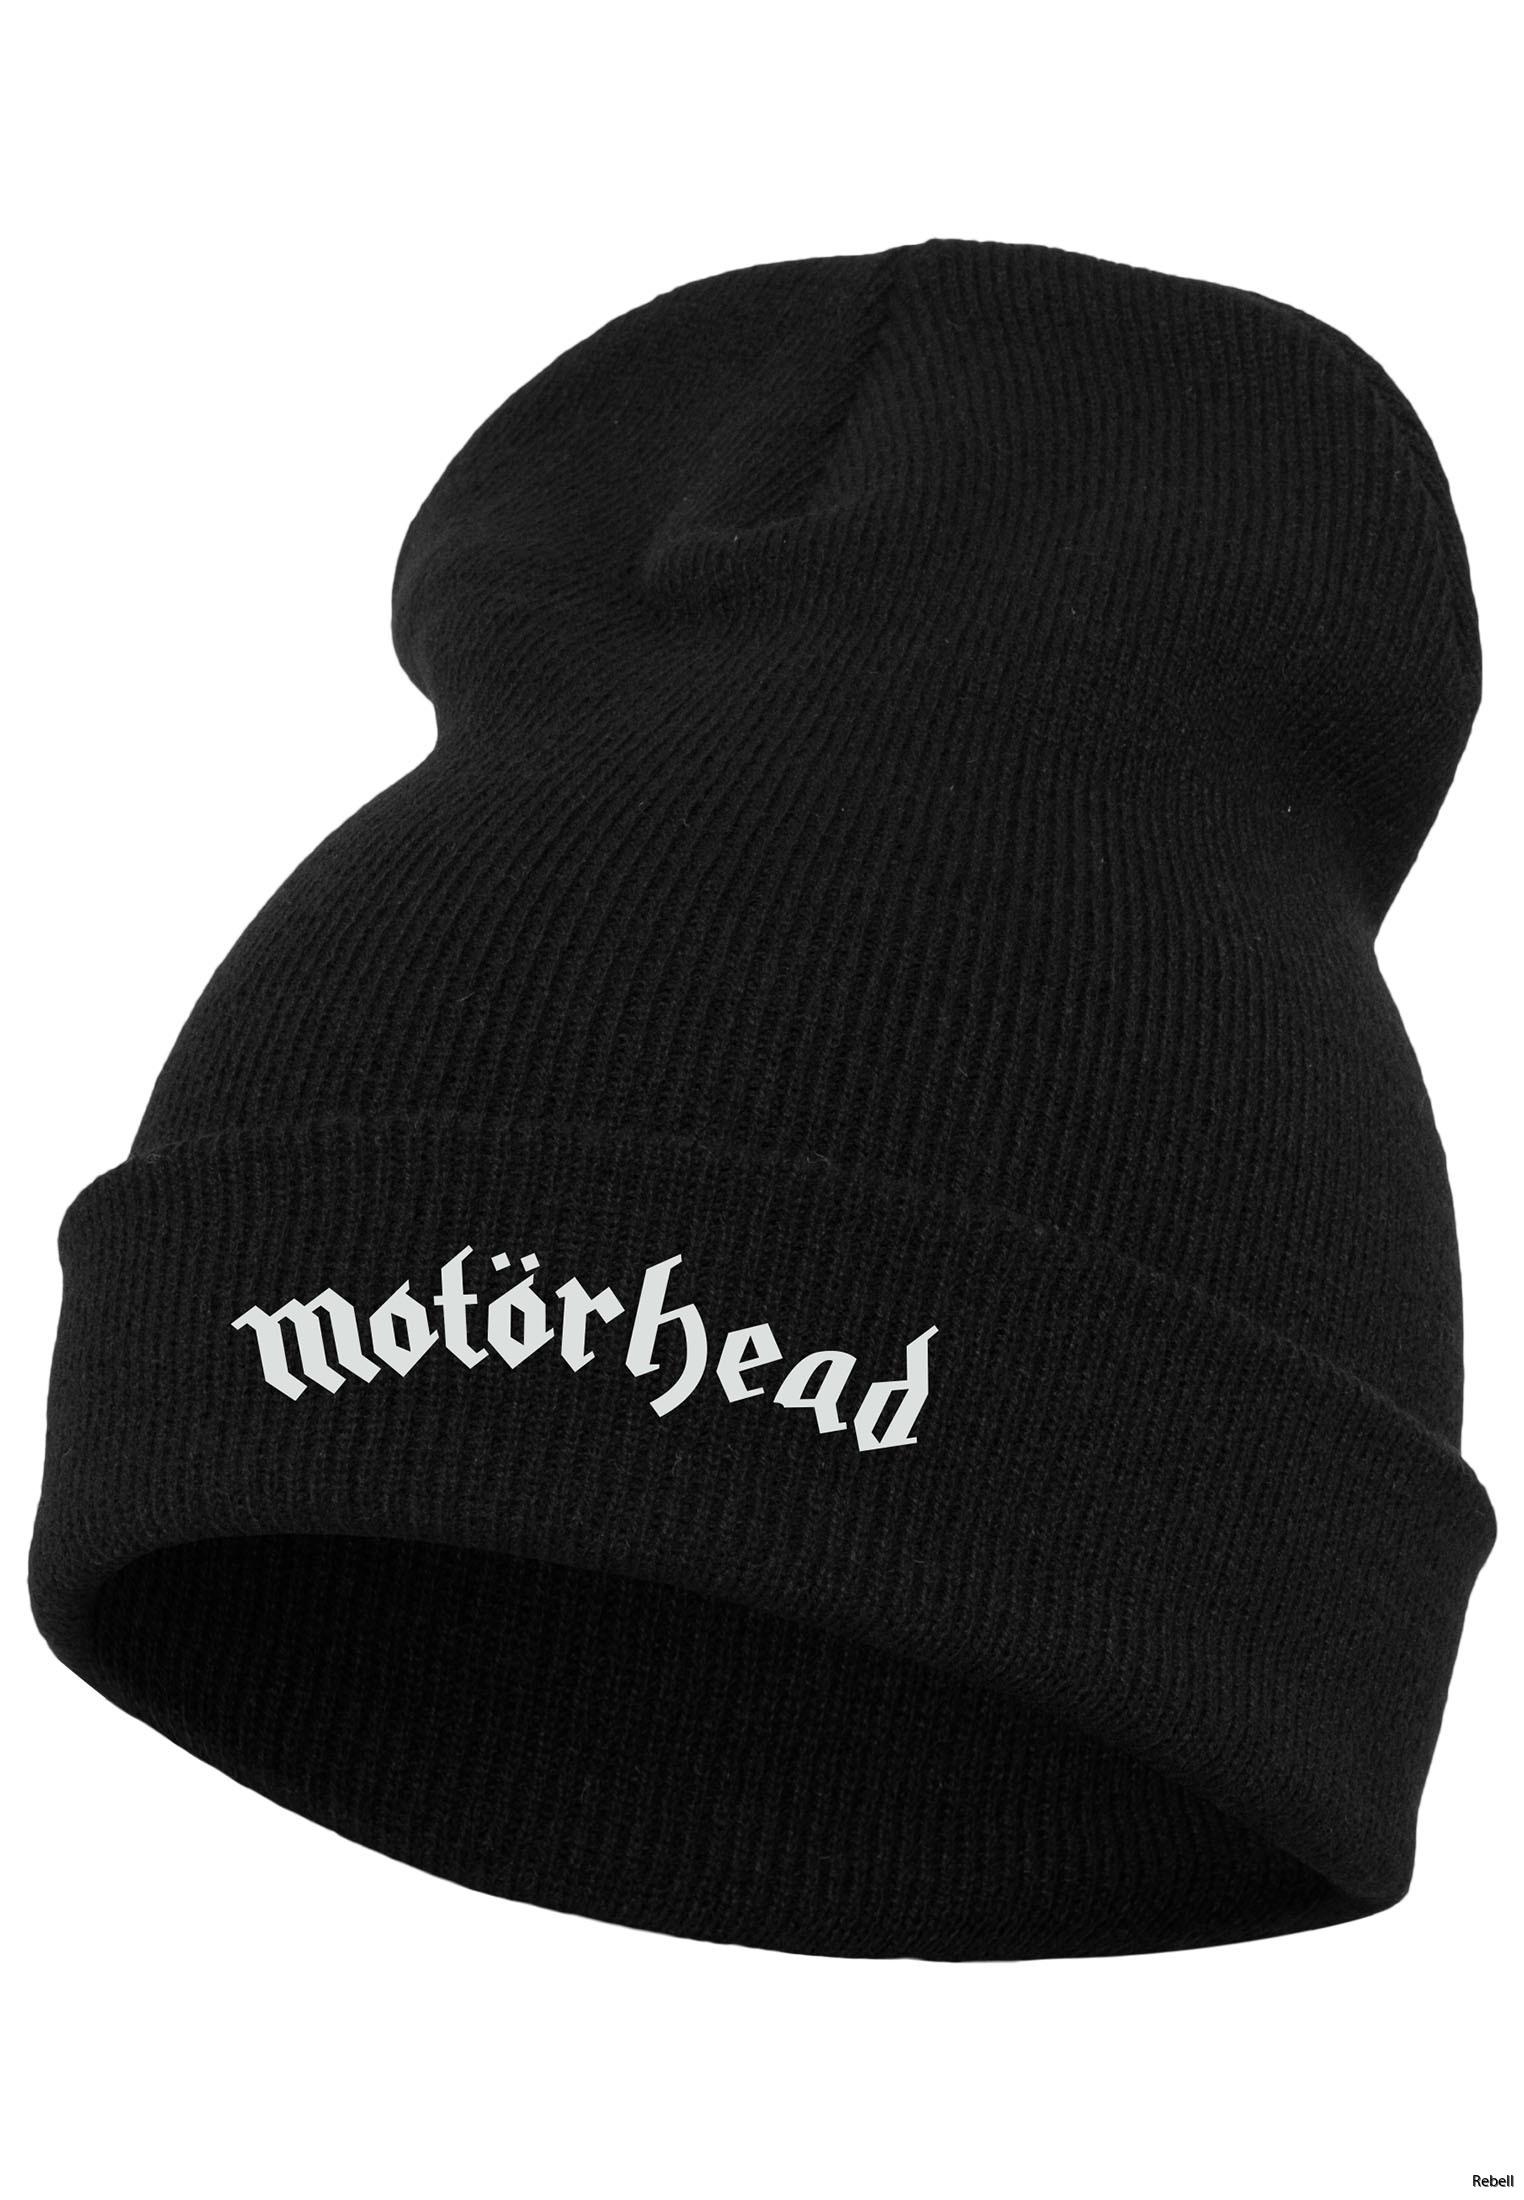 motorhead rock motörhead